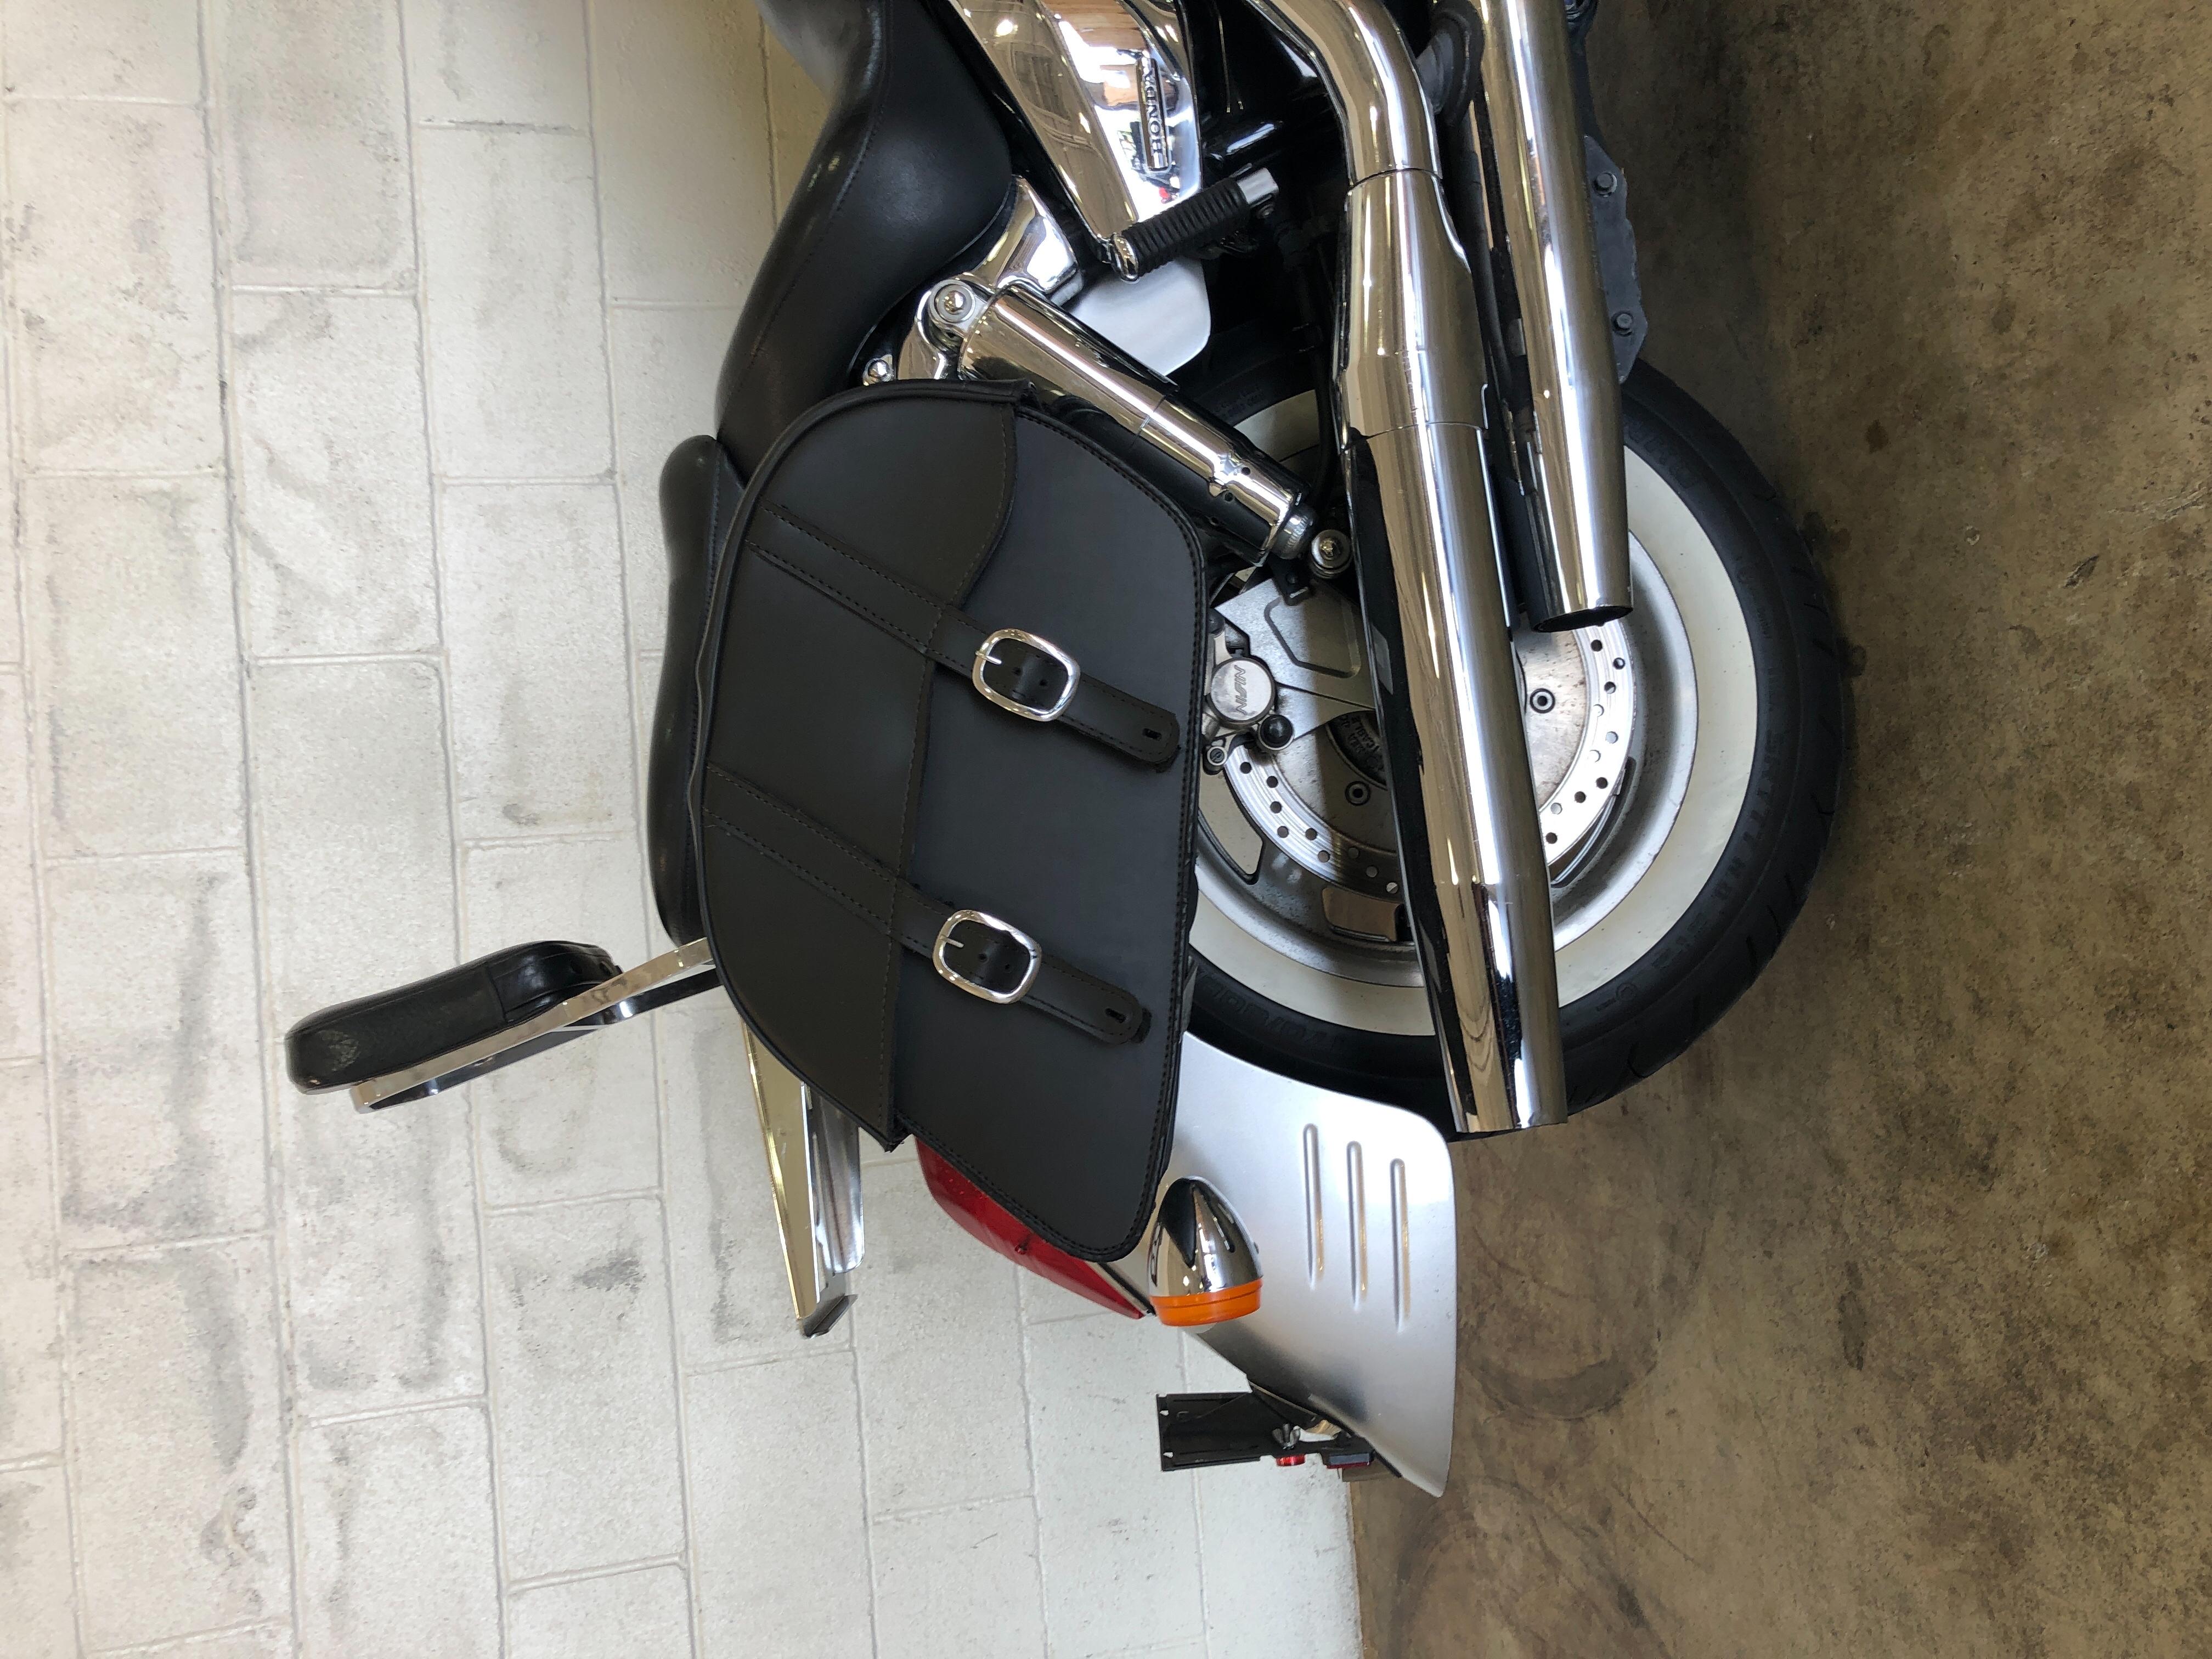 2009 Honda VTX 1300 R at Twisted Cycles